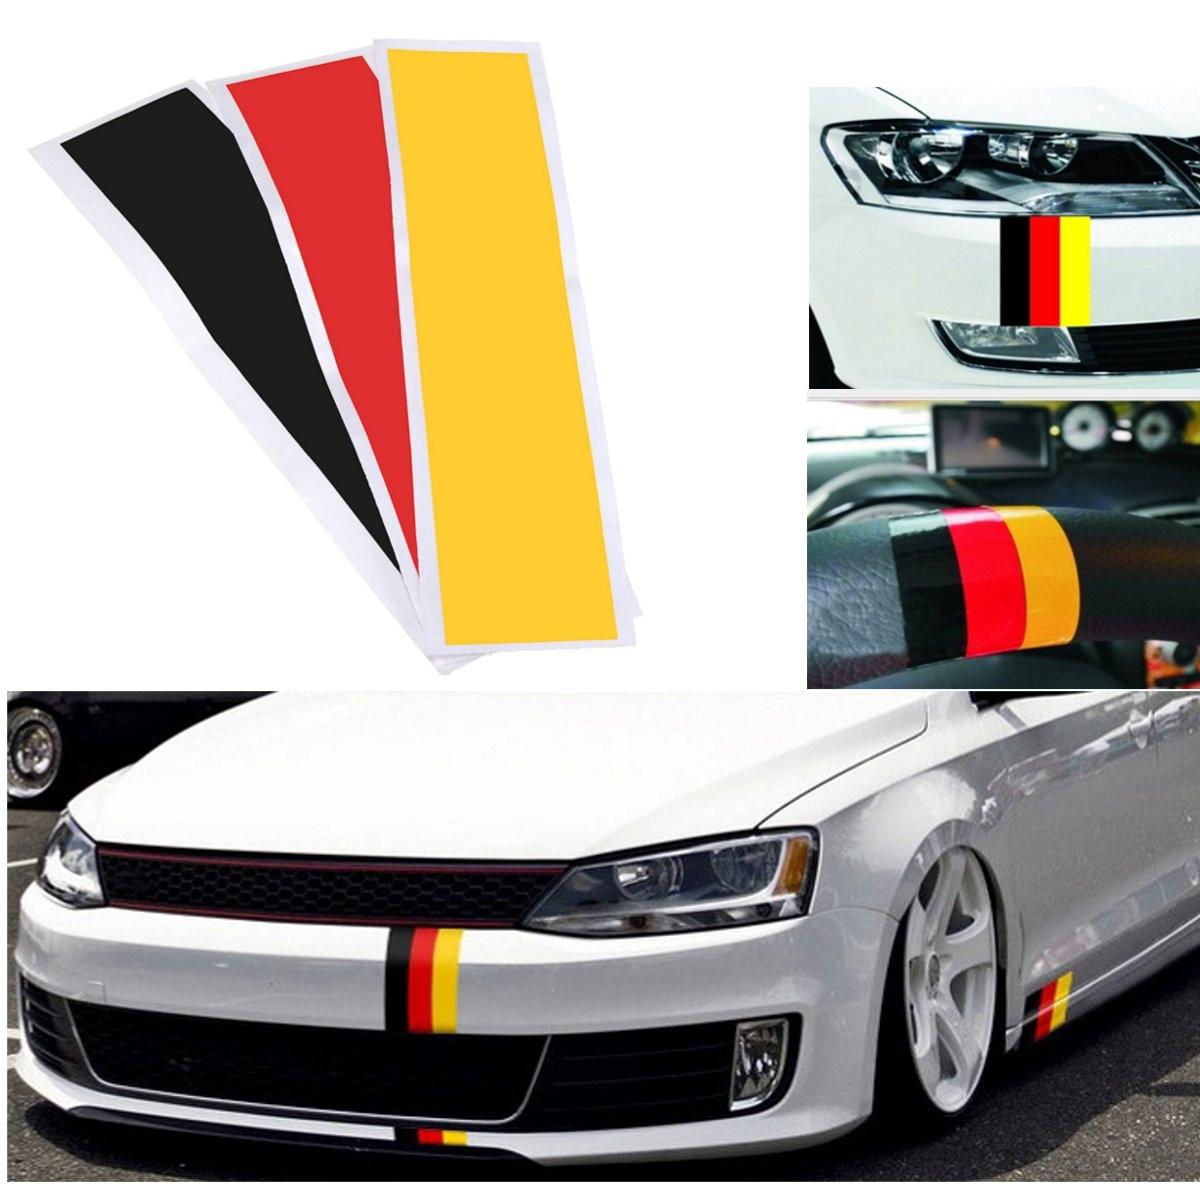 Set germany flag color stripe diy decal sticker for audi bmw mercedes vw